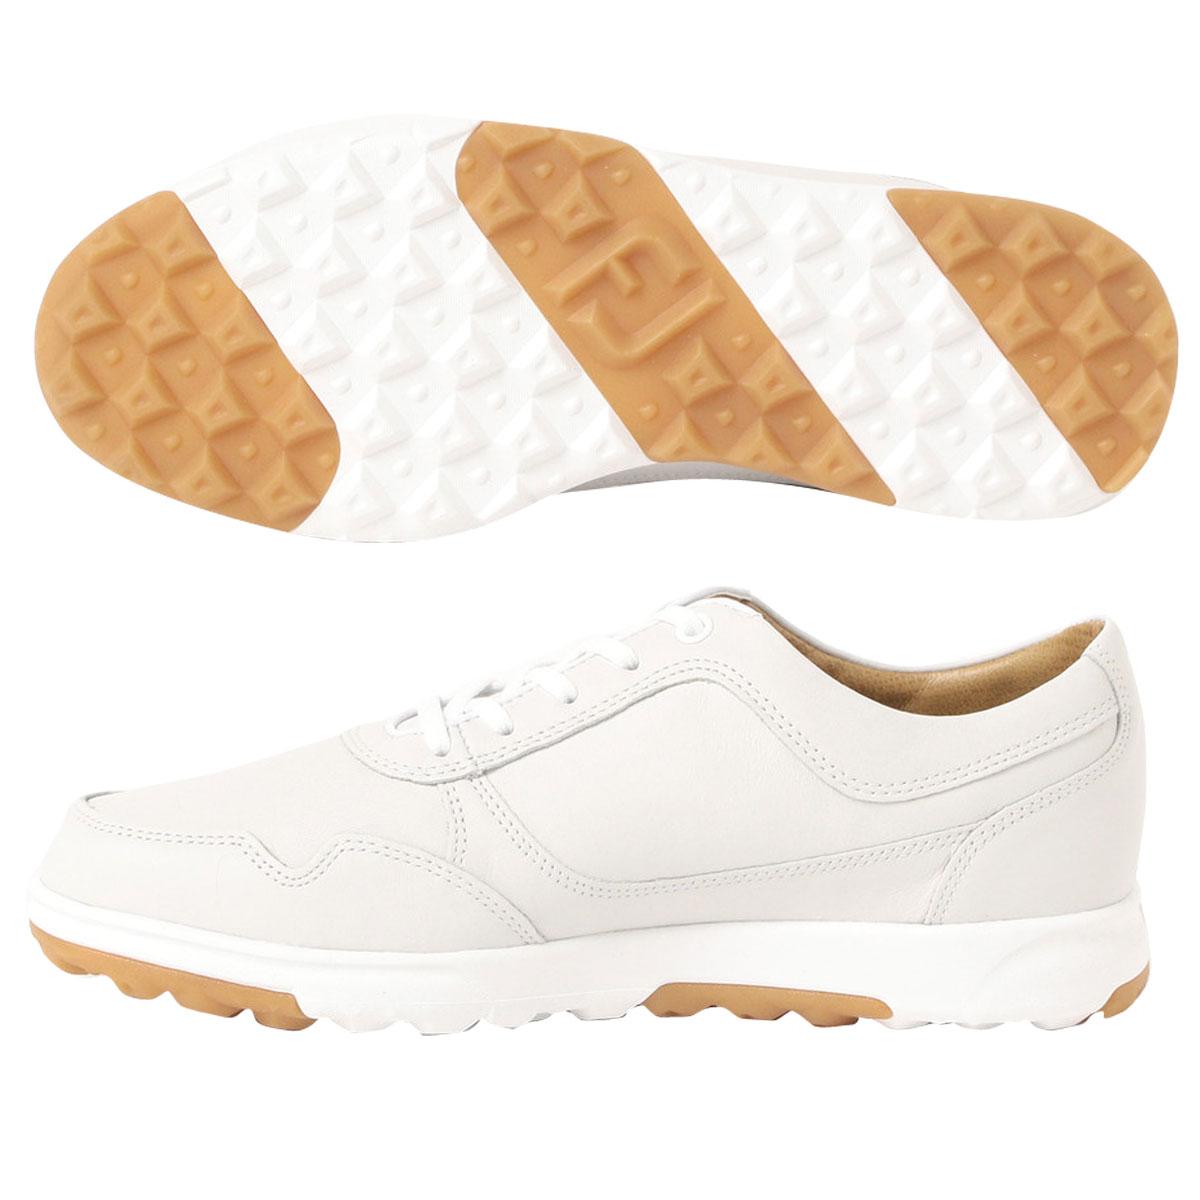 Foot joy ゴルフ カジュアル ゴルフシューズ